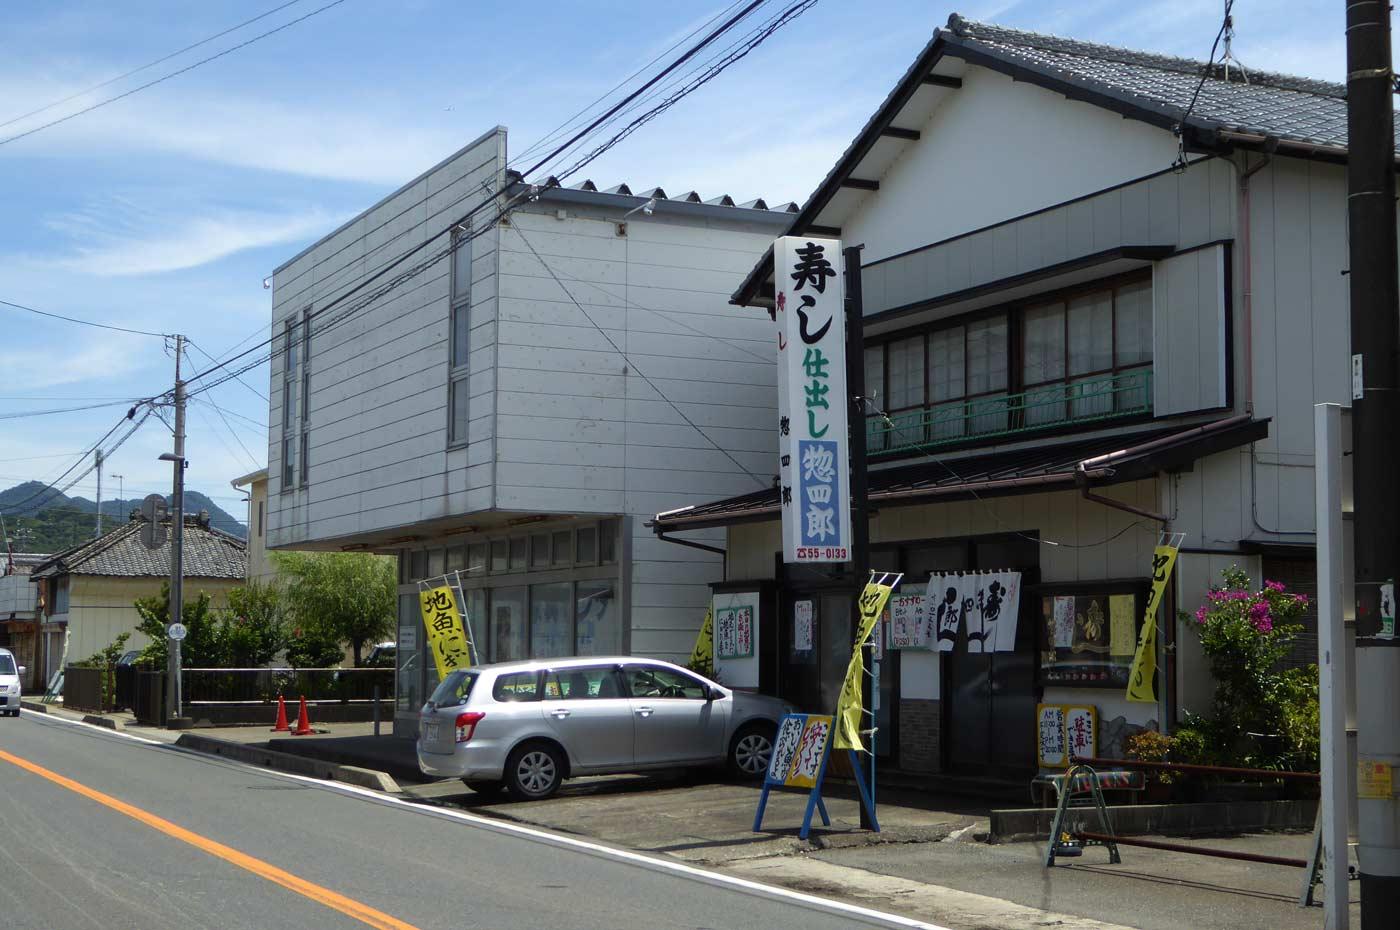 惣四郎の駐車場